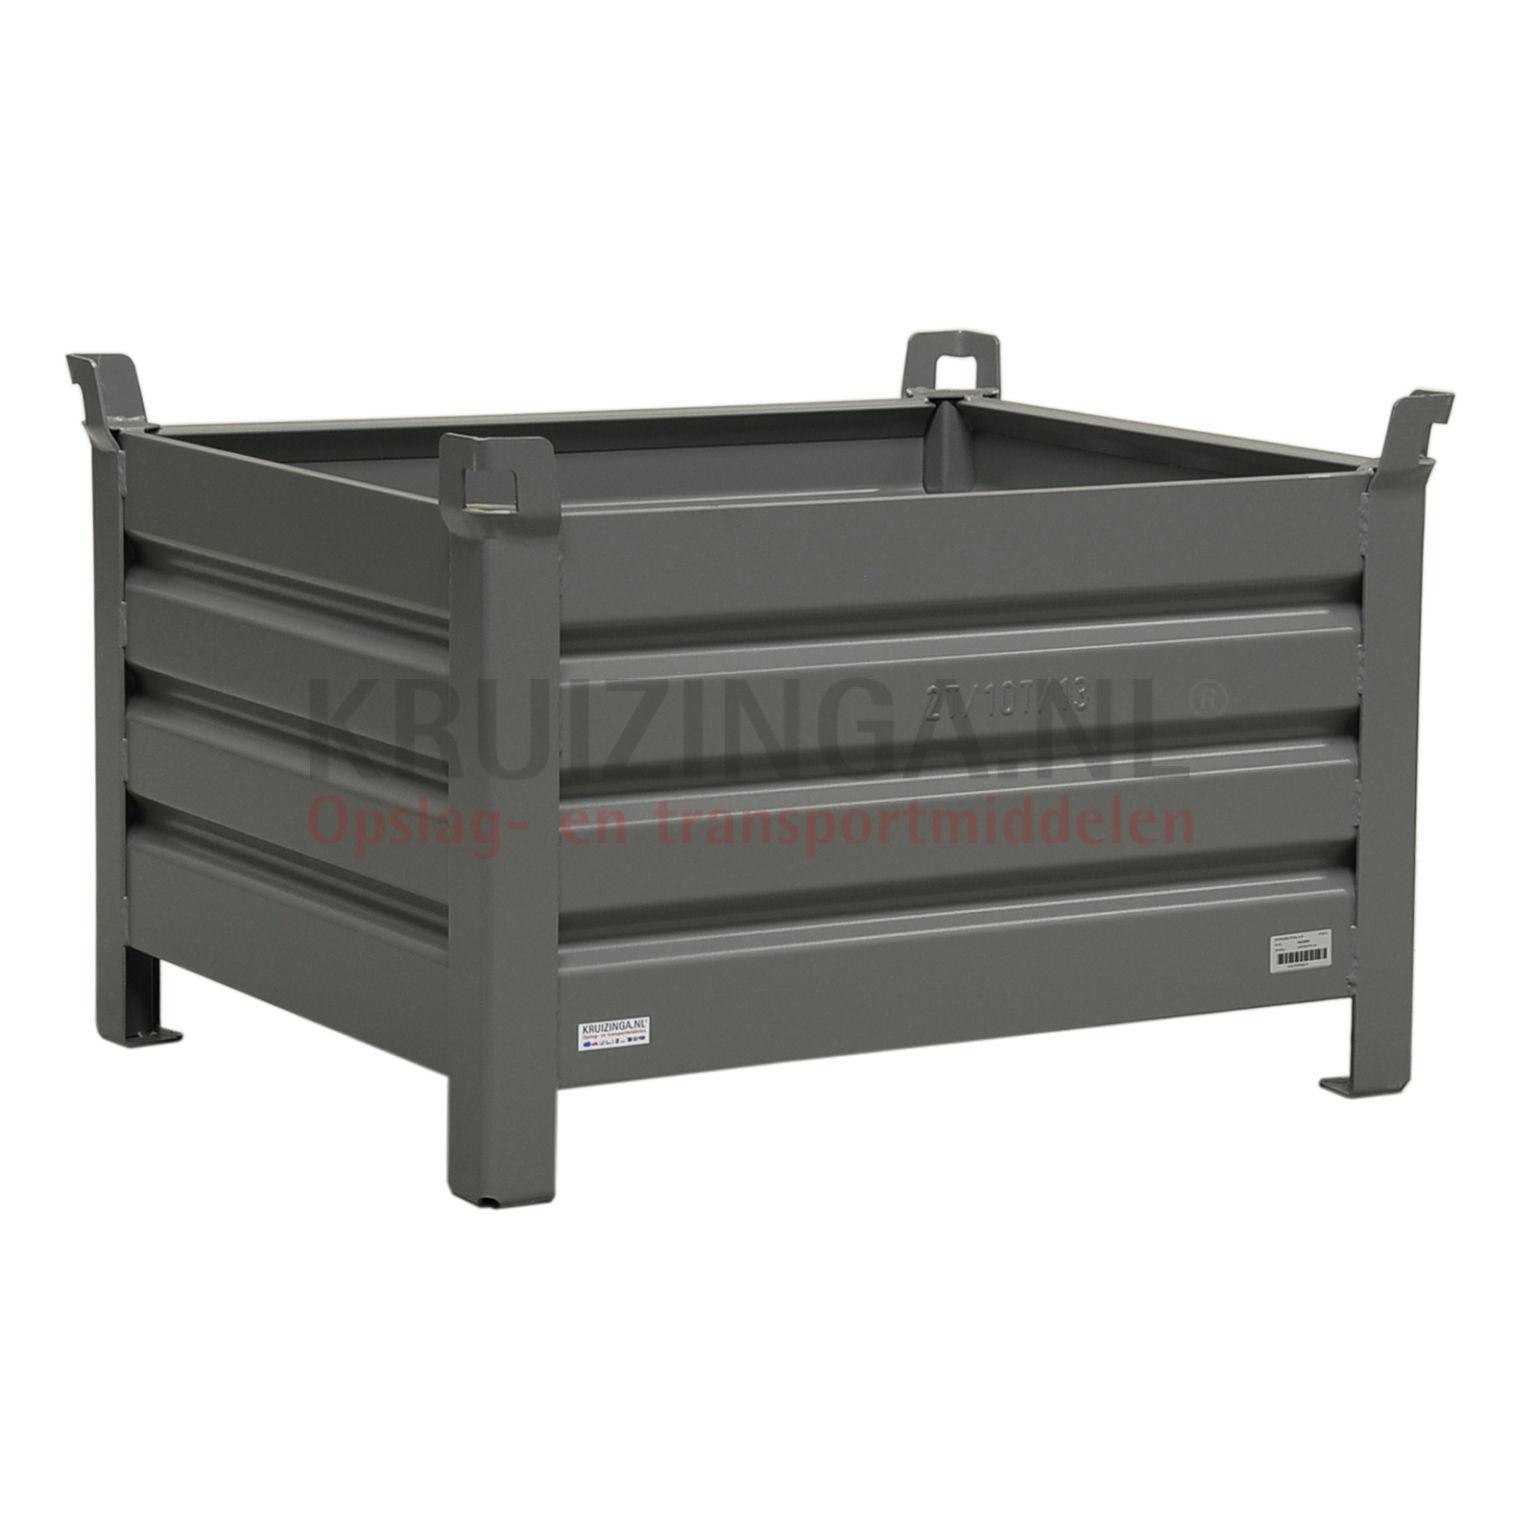 bac de rangement acier construction robuste bac empilable 4 parois partir de 149 frais de. Black Bedroom Furniture Sets. Home Design Ideas